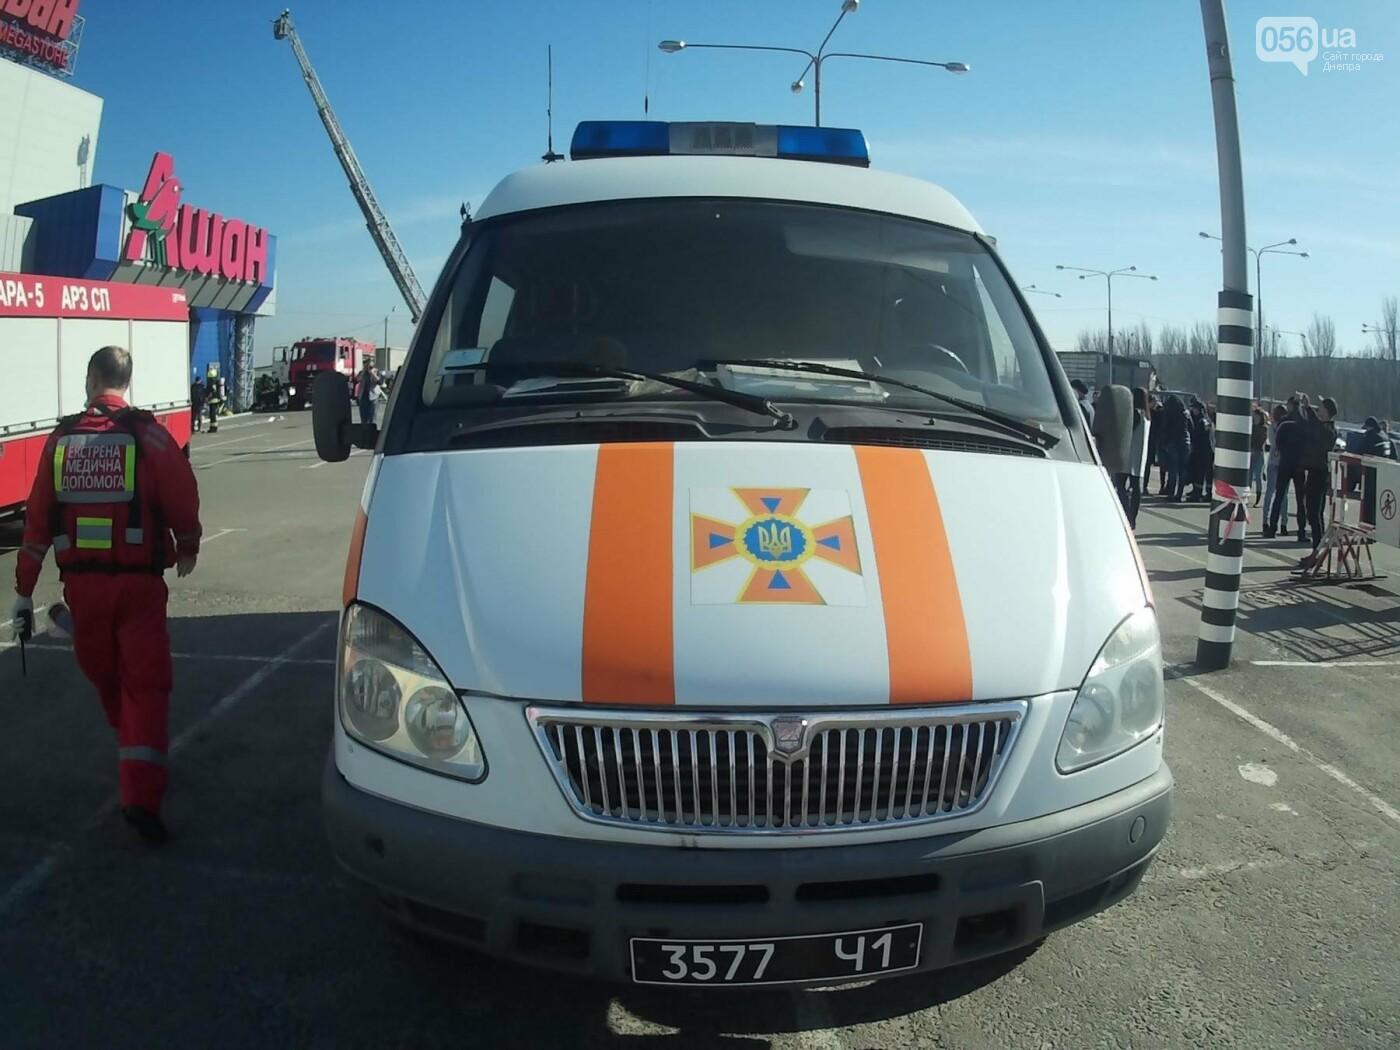 В Днепре спасатели эвакуировали персонал и посетителей из «Каравана» (ФОТО, ВИДЕО), фото-4